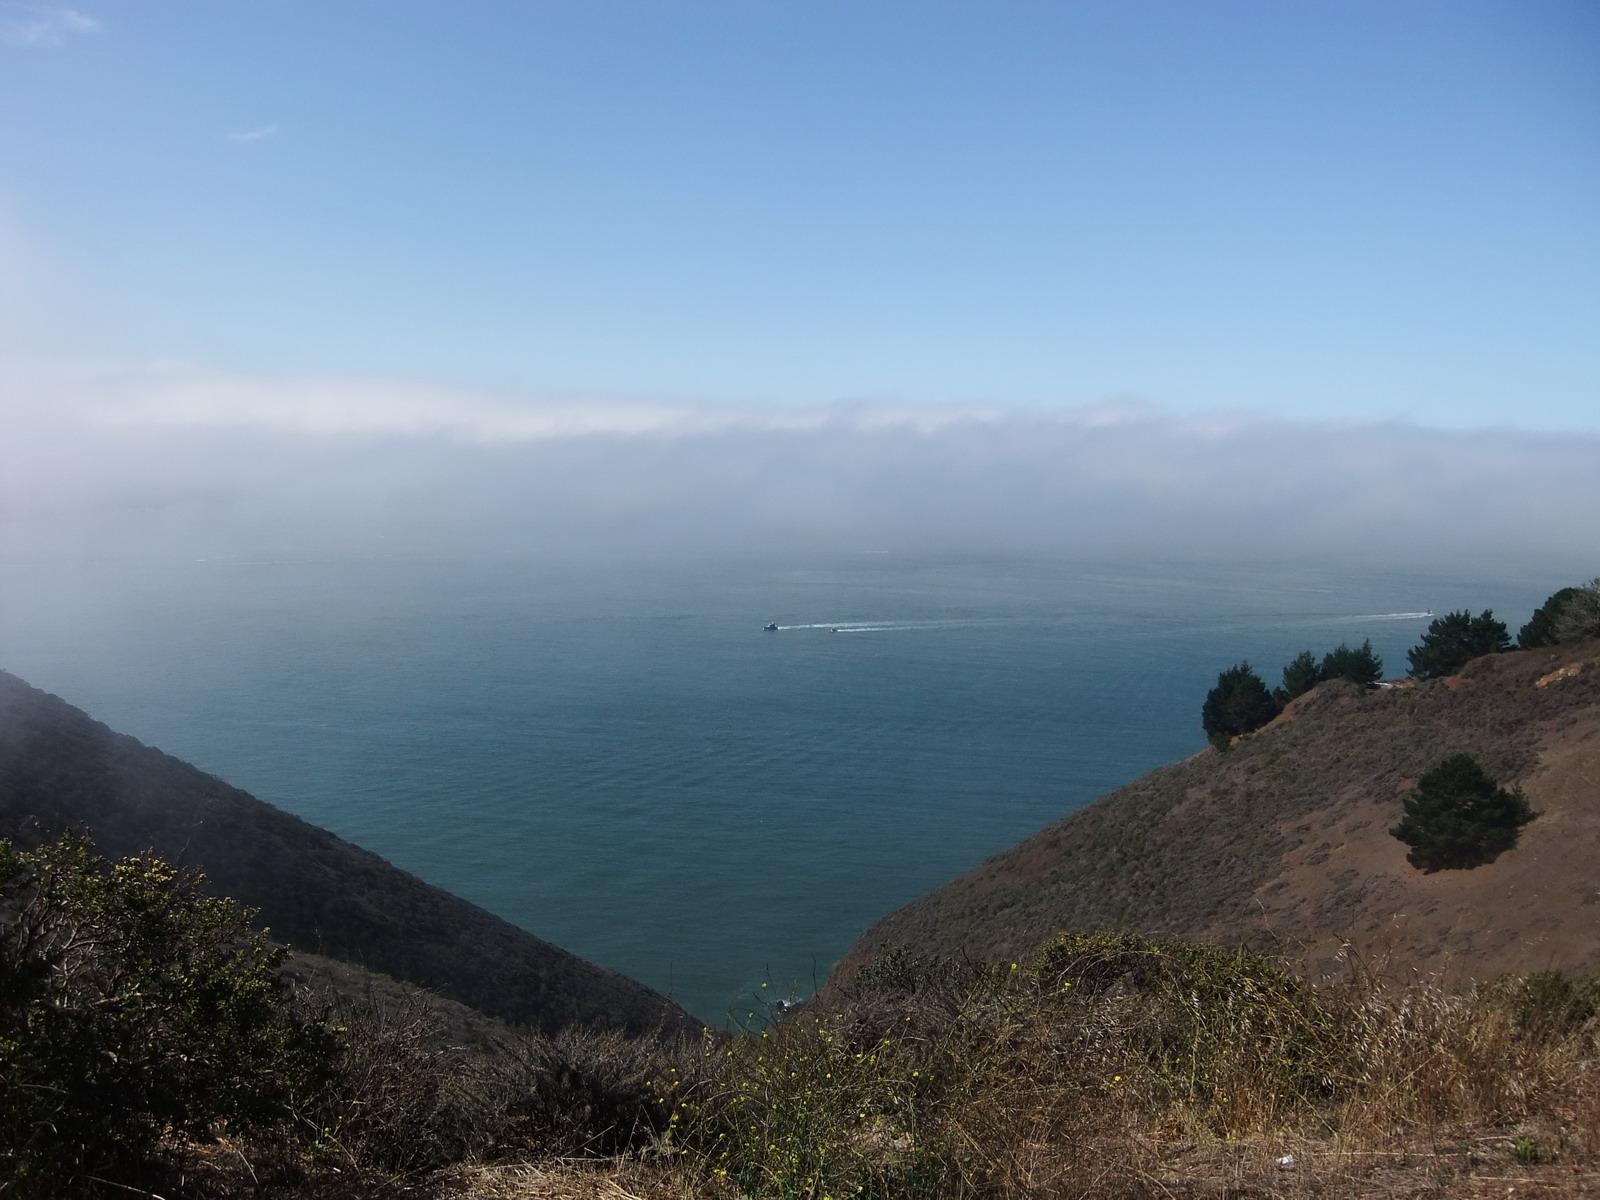 США, Сан-Франциско, мост Golden Gate, смотровая площадка